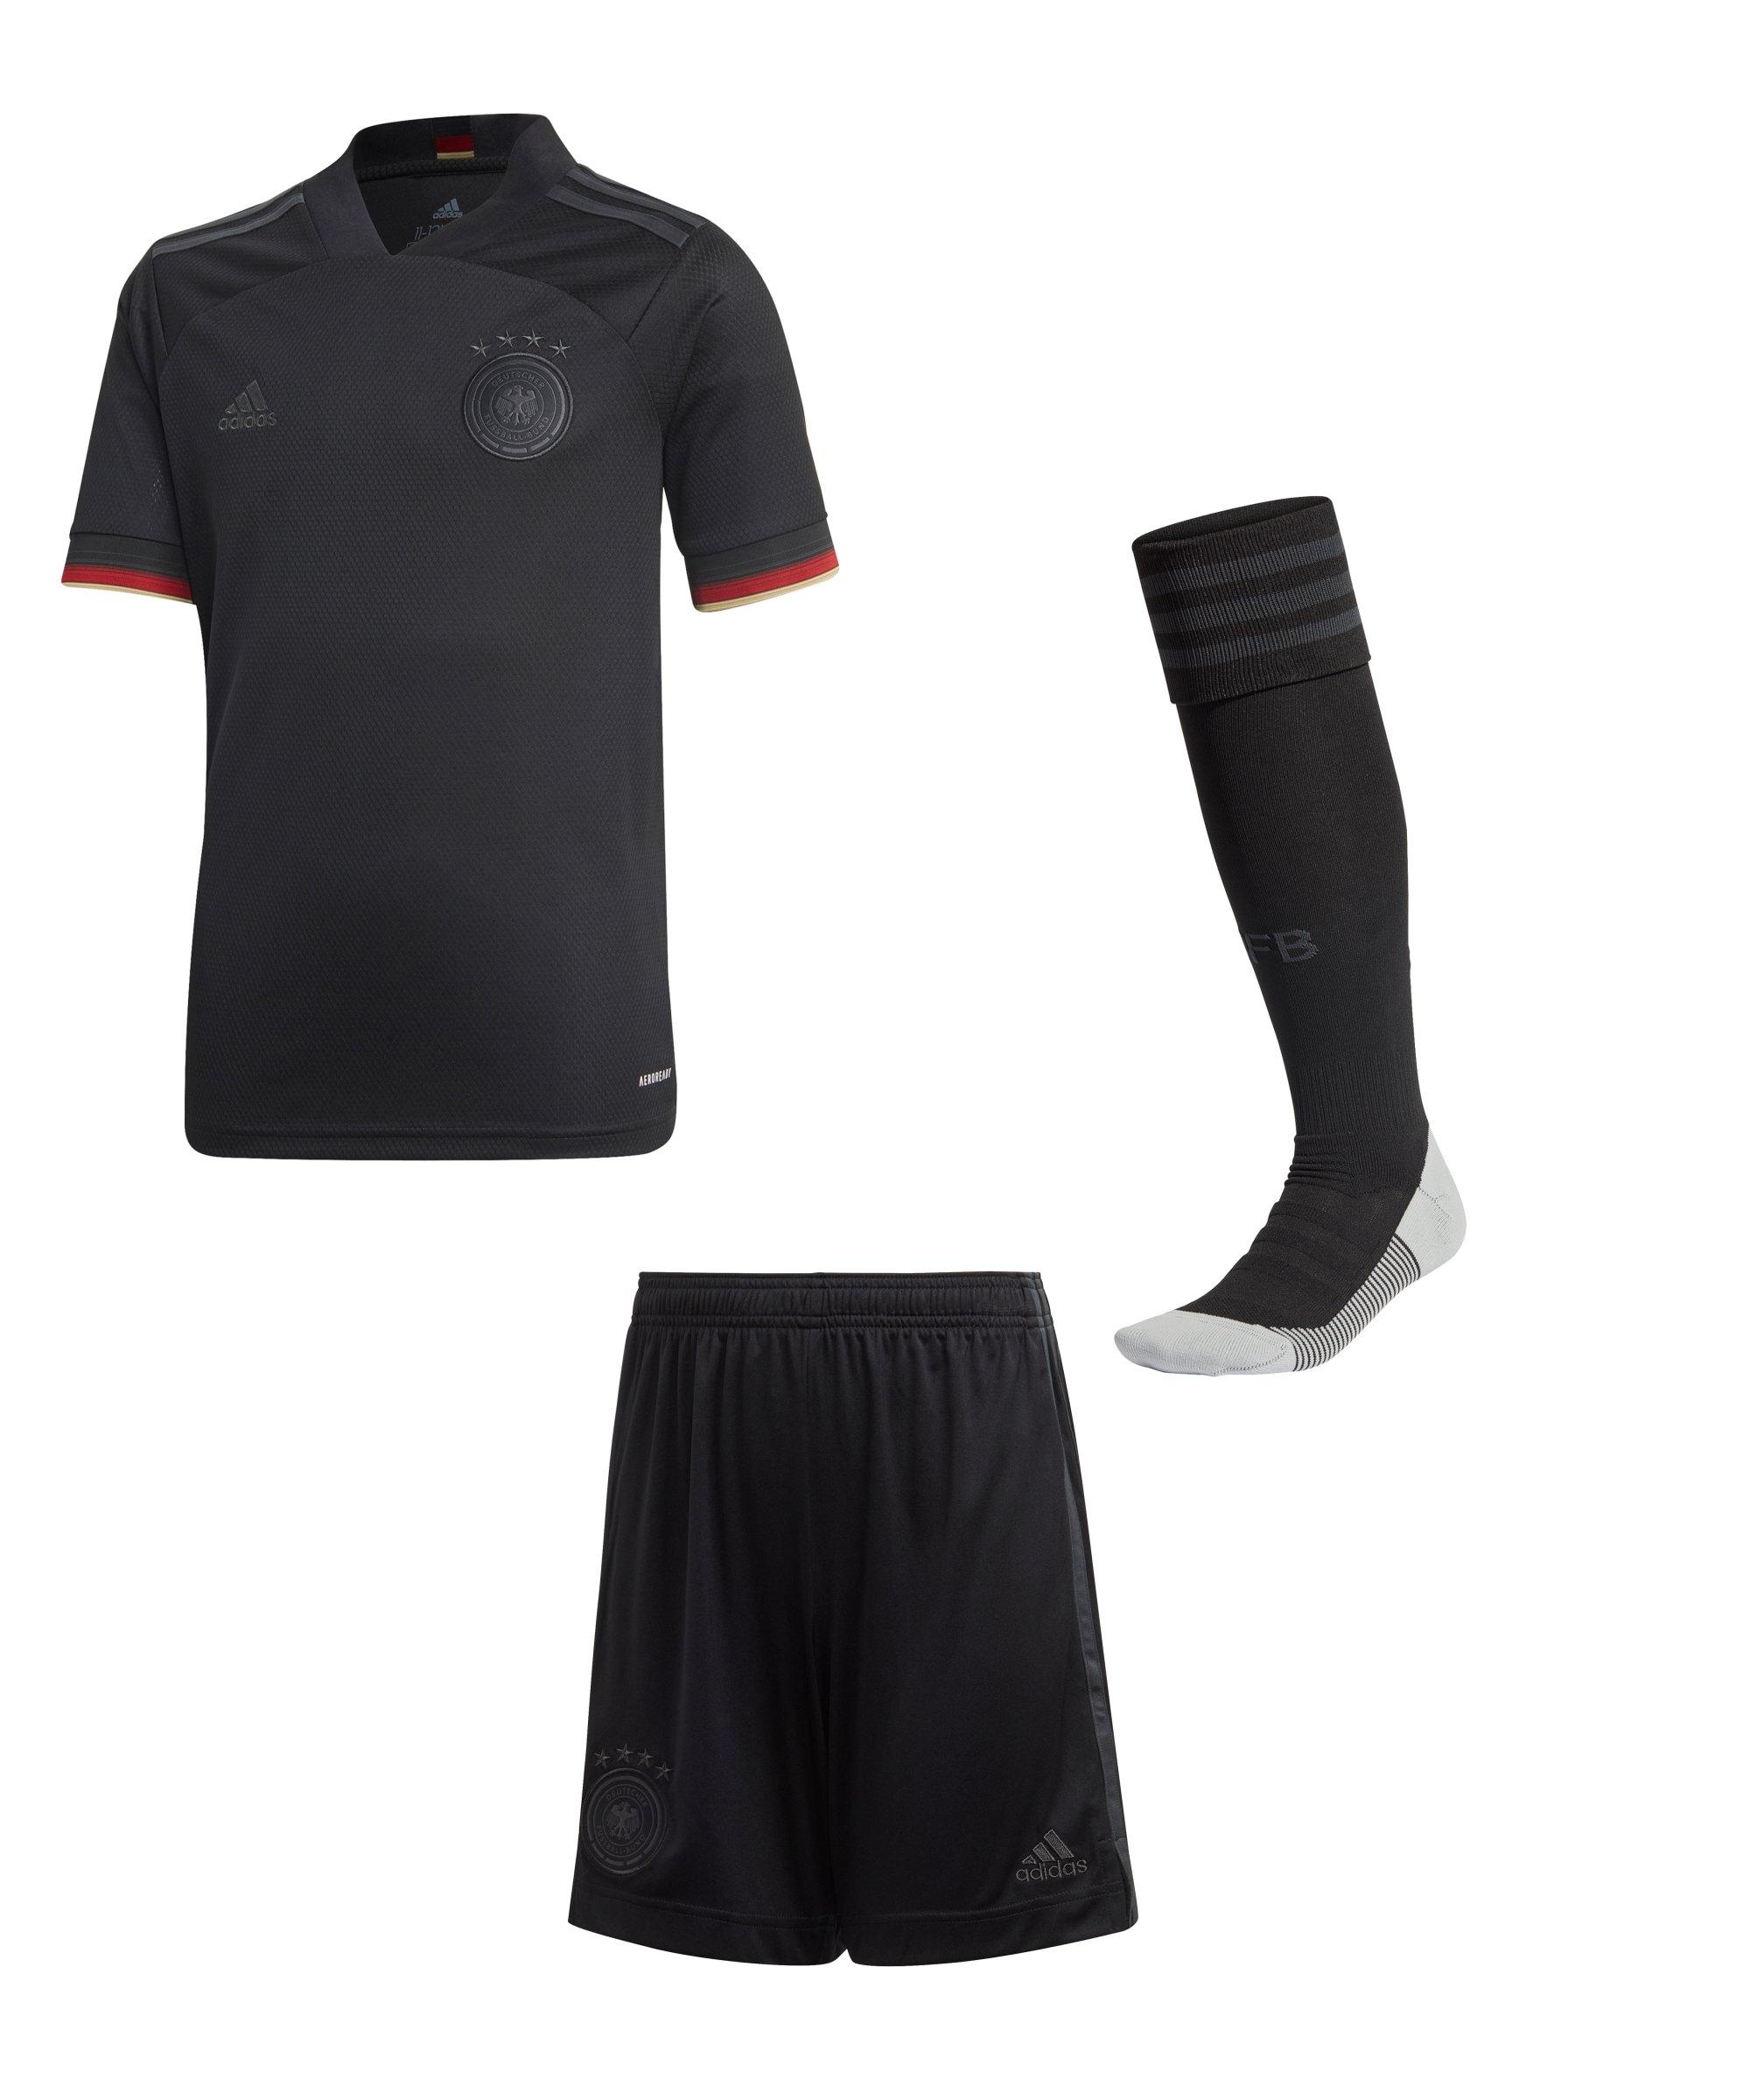 adidas DFB Deutschland Trikotset Away EM 2020 Kids - schwarz